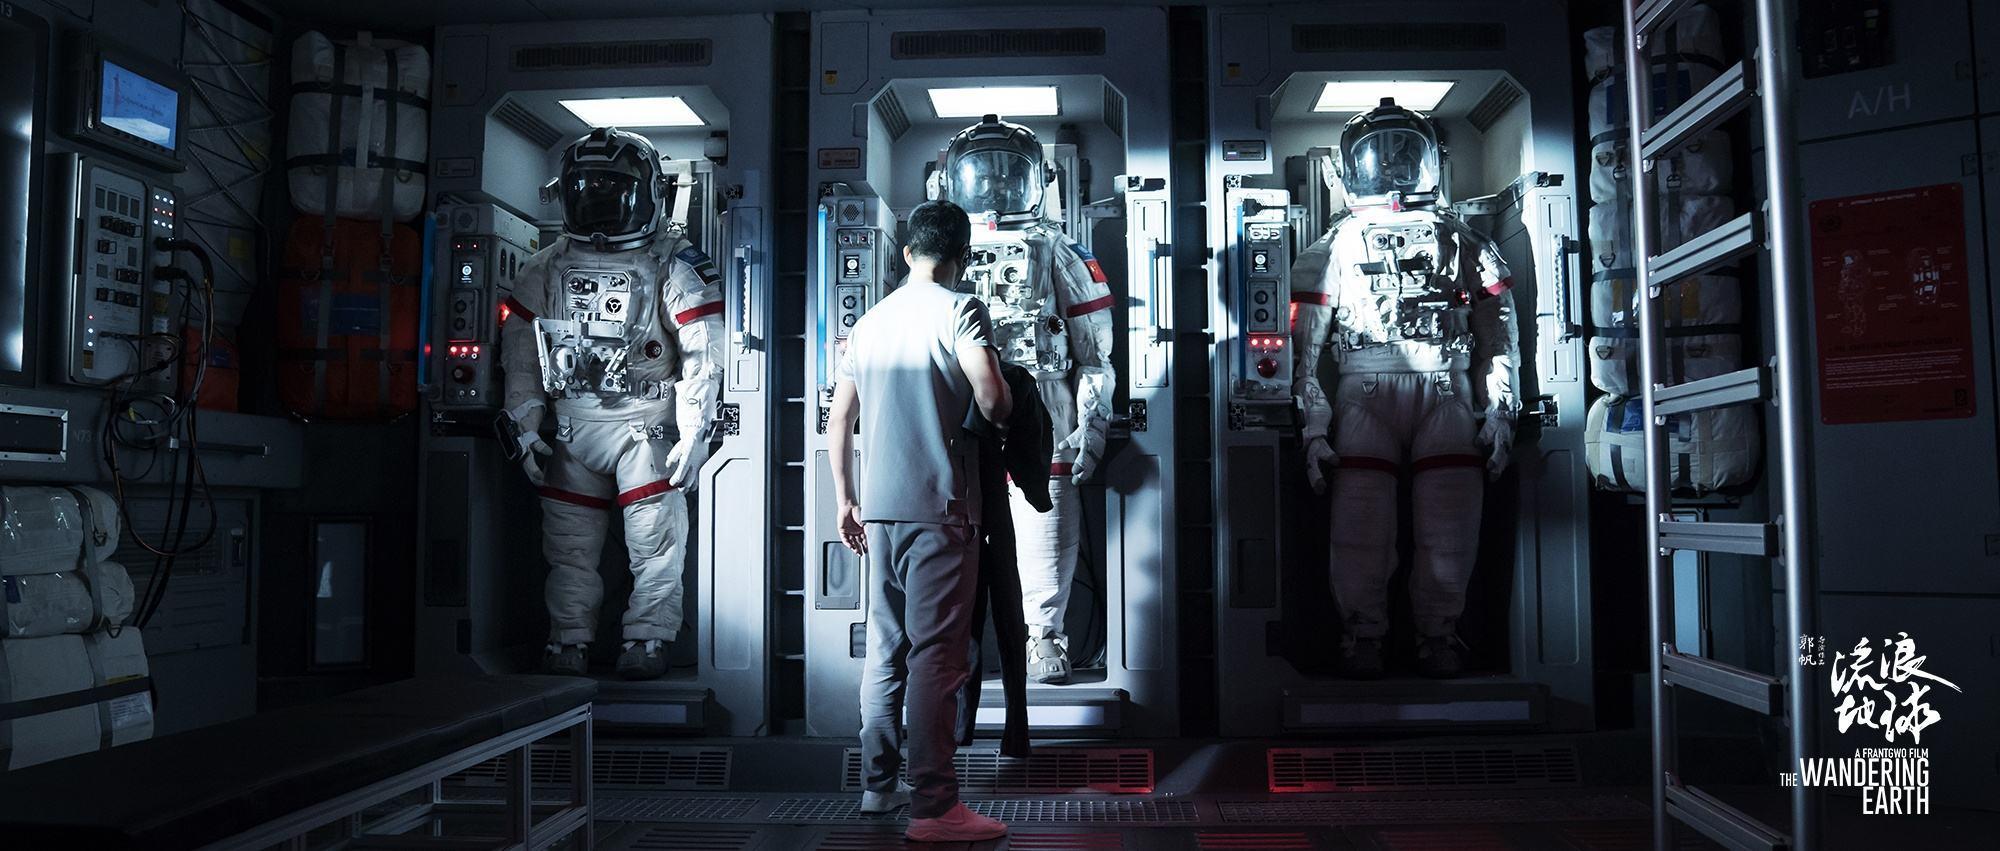 8部电影激战春节档,电影经济崛起能打破去年单片30亿的票房吗?